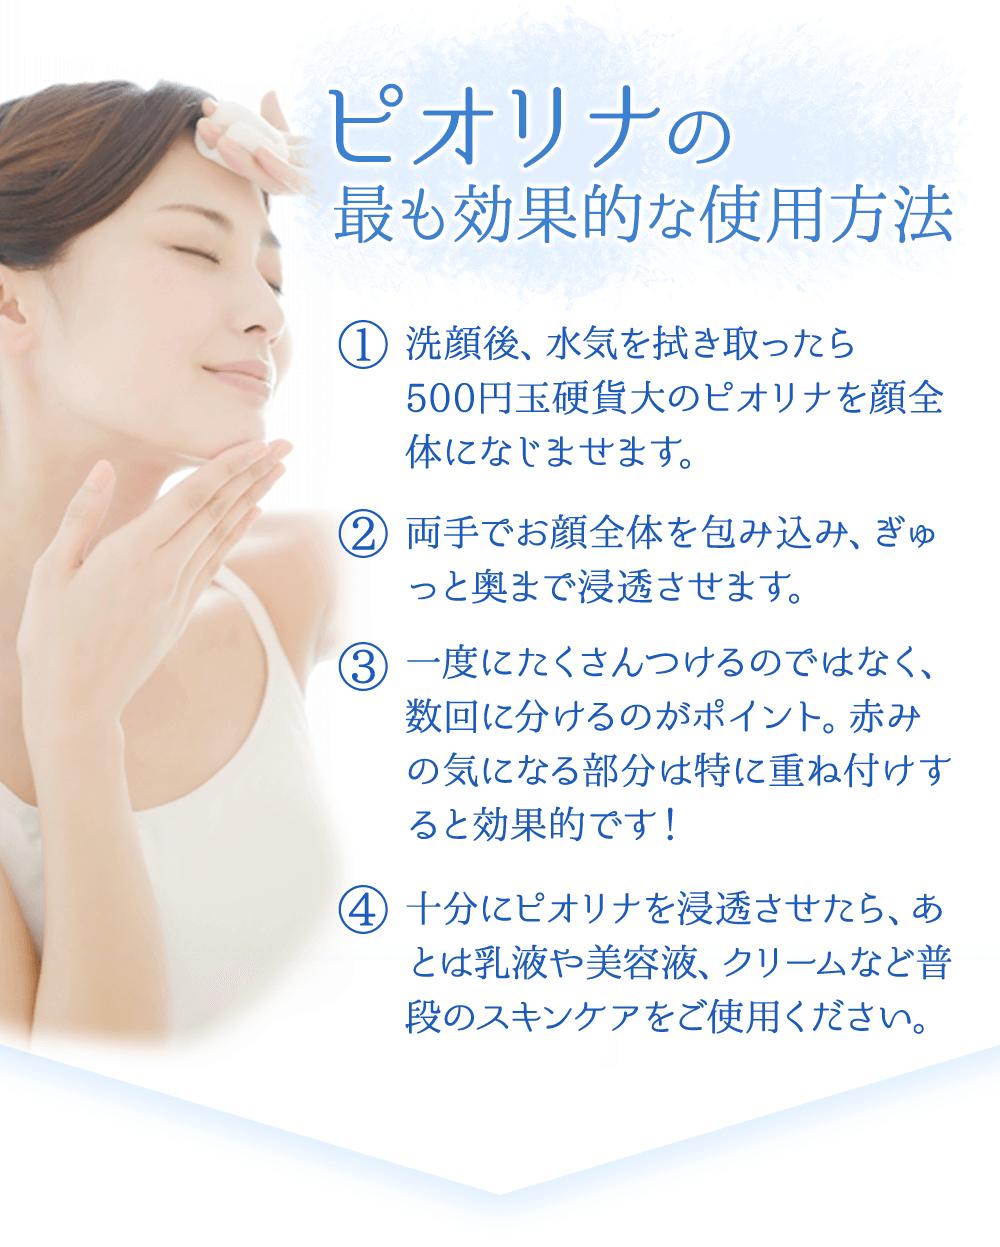 ピオリナの最も効果的な使用方法 1.洗顔後、水気を拭き取ったら500円玉硬貨大のピオリナを顔全体になじませます。 2.両手でお顔全体を包み込み、ぎゅっと奥まで浸透させます。 3.一度にたくさんつけるのではなく、数回に分けるのがポイント。赤みの気になる部分は特に重ね付けすると効果的です! 4.十分にピオリナを浸透させたら、あとは乳液や美容液、クリームなど普段のスキンケアをご使用ください。